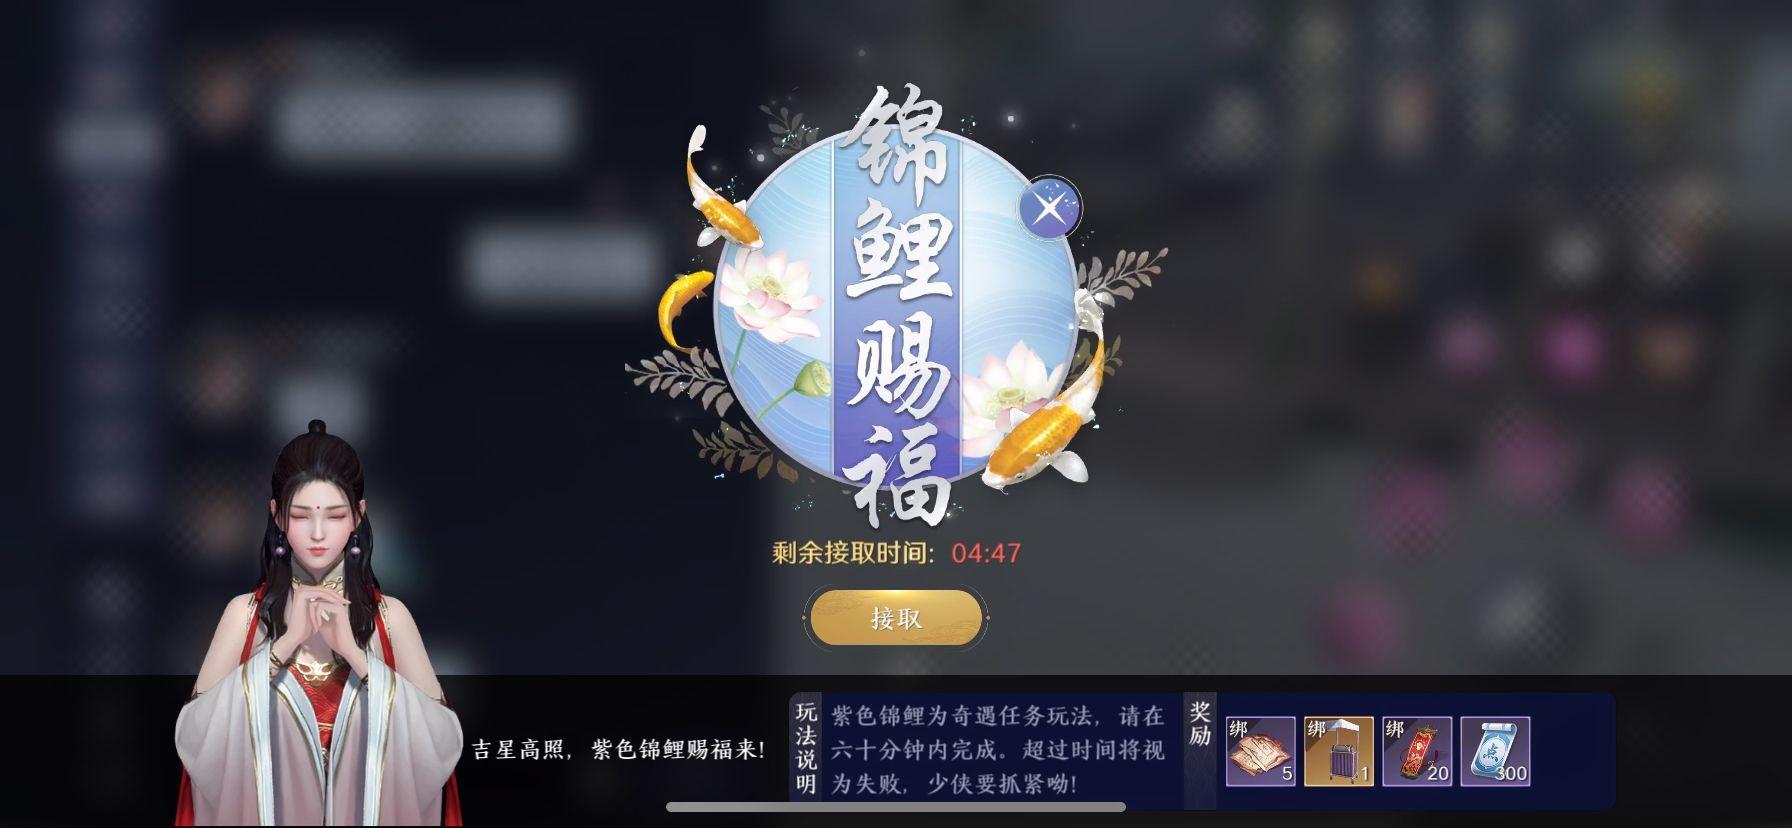 天涯明月刀手游笔绘江山12位置介绍